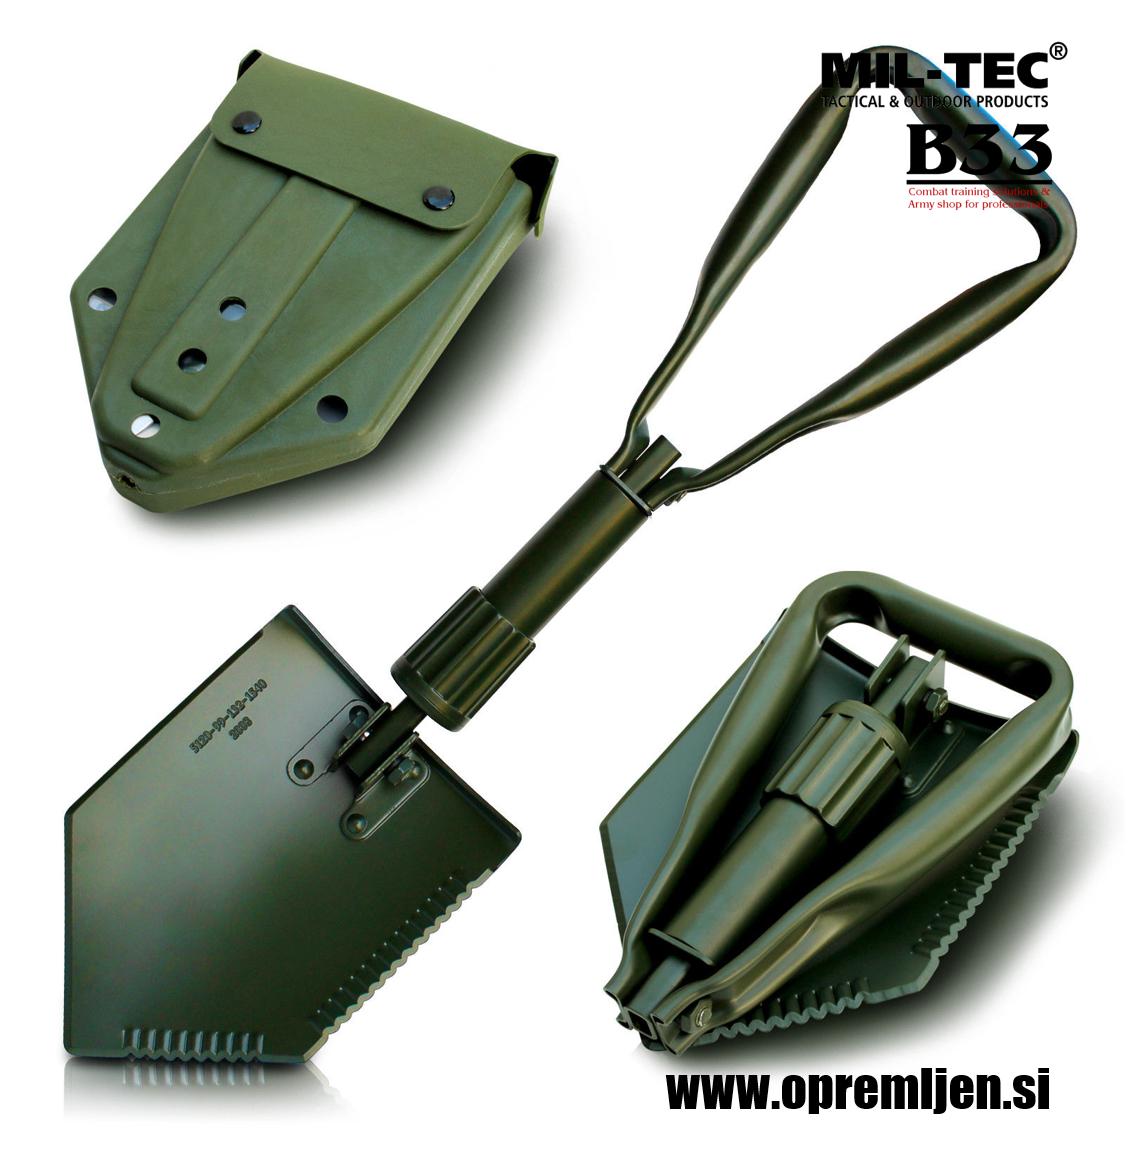 B33 army shop - ALICE vojaška torbica z vojaško zložljivo lopato MILTEC by B33 army shop at www.opremljen.si, trgovina z vojaško opremo, vojaška trgovina